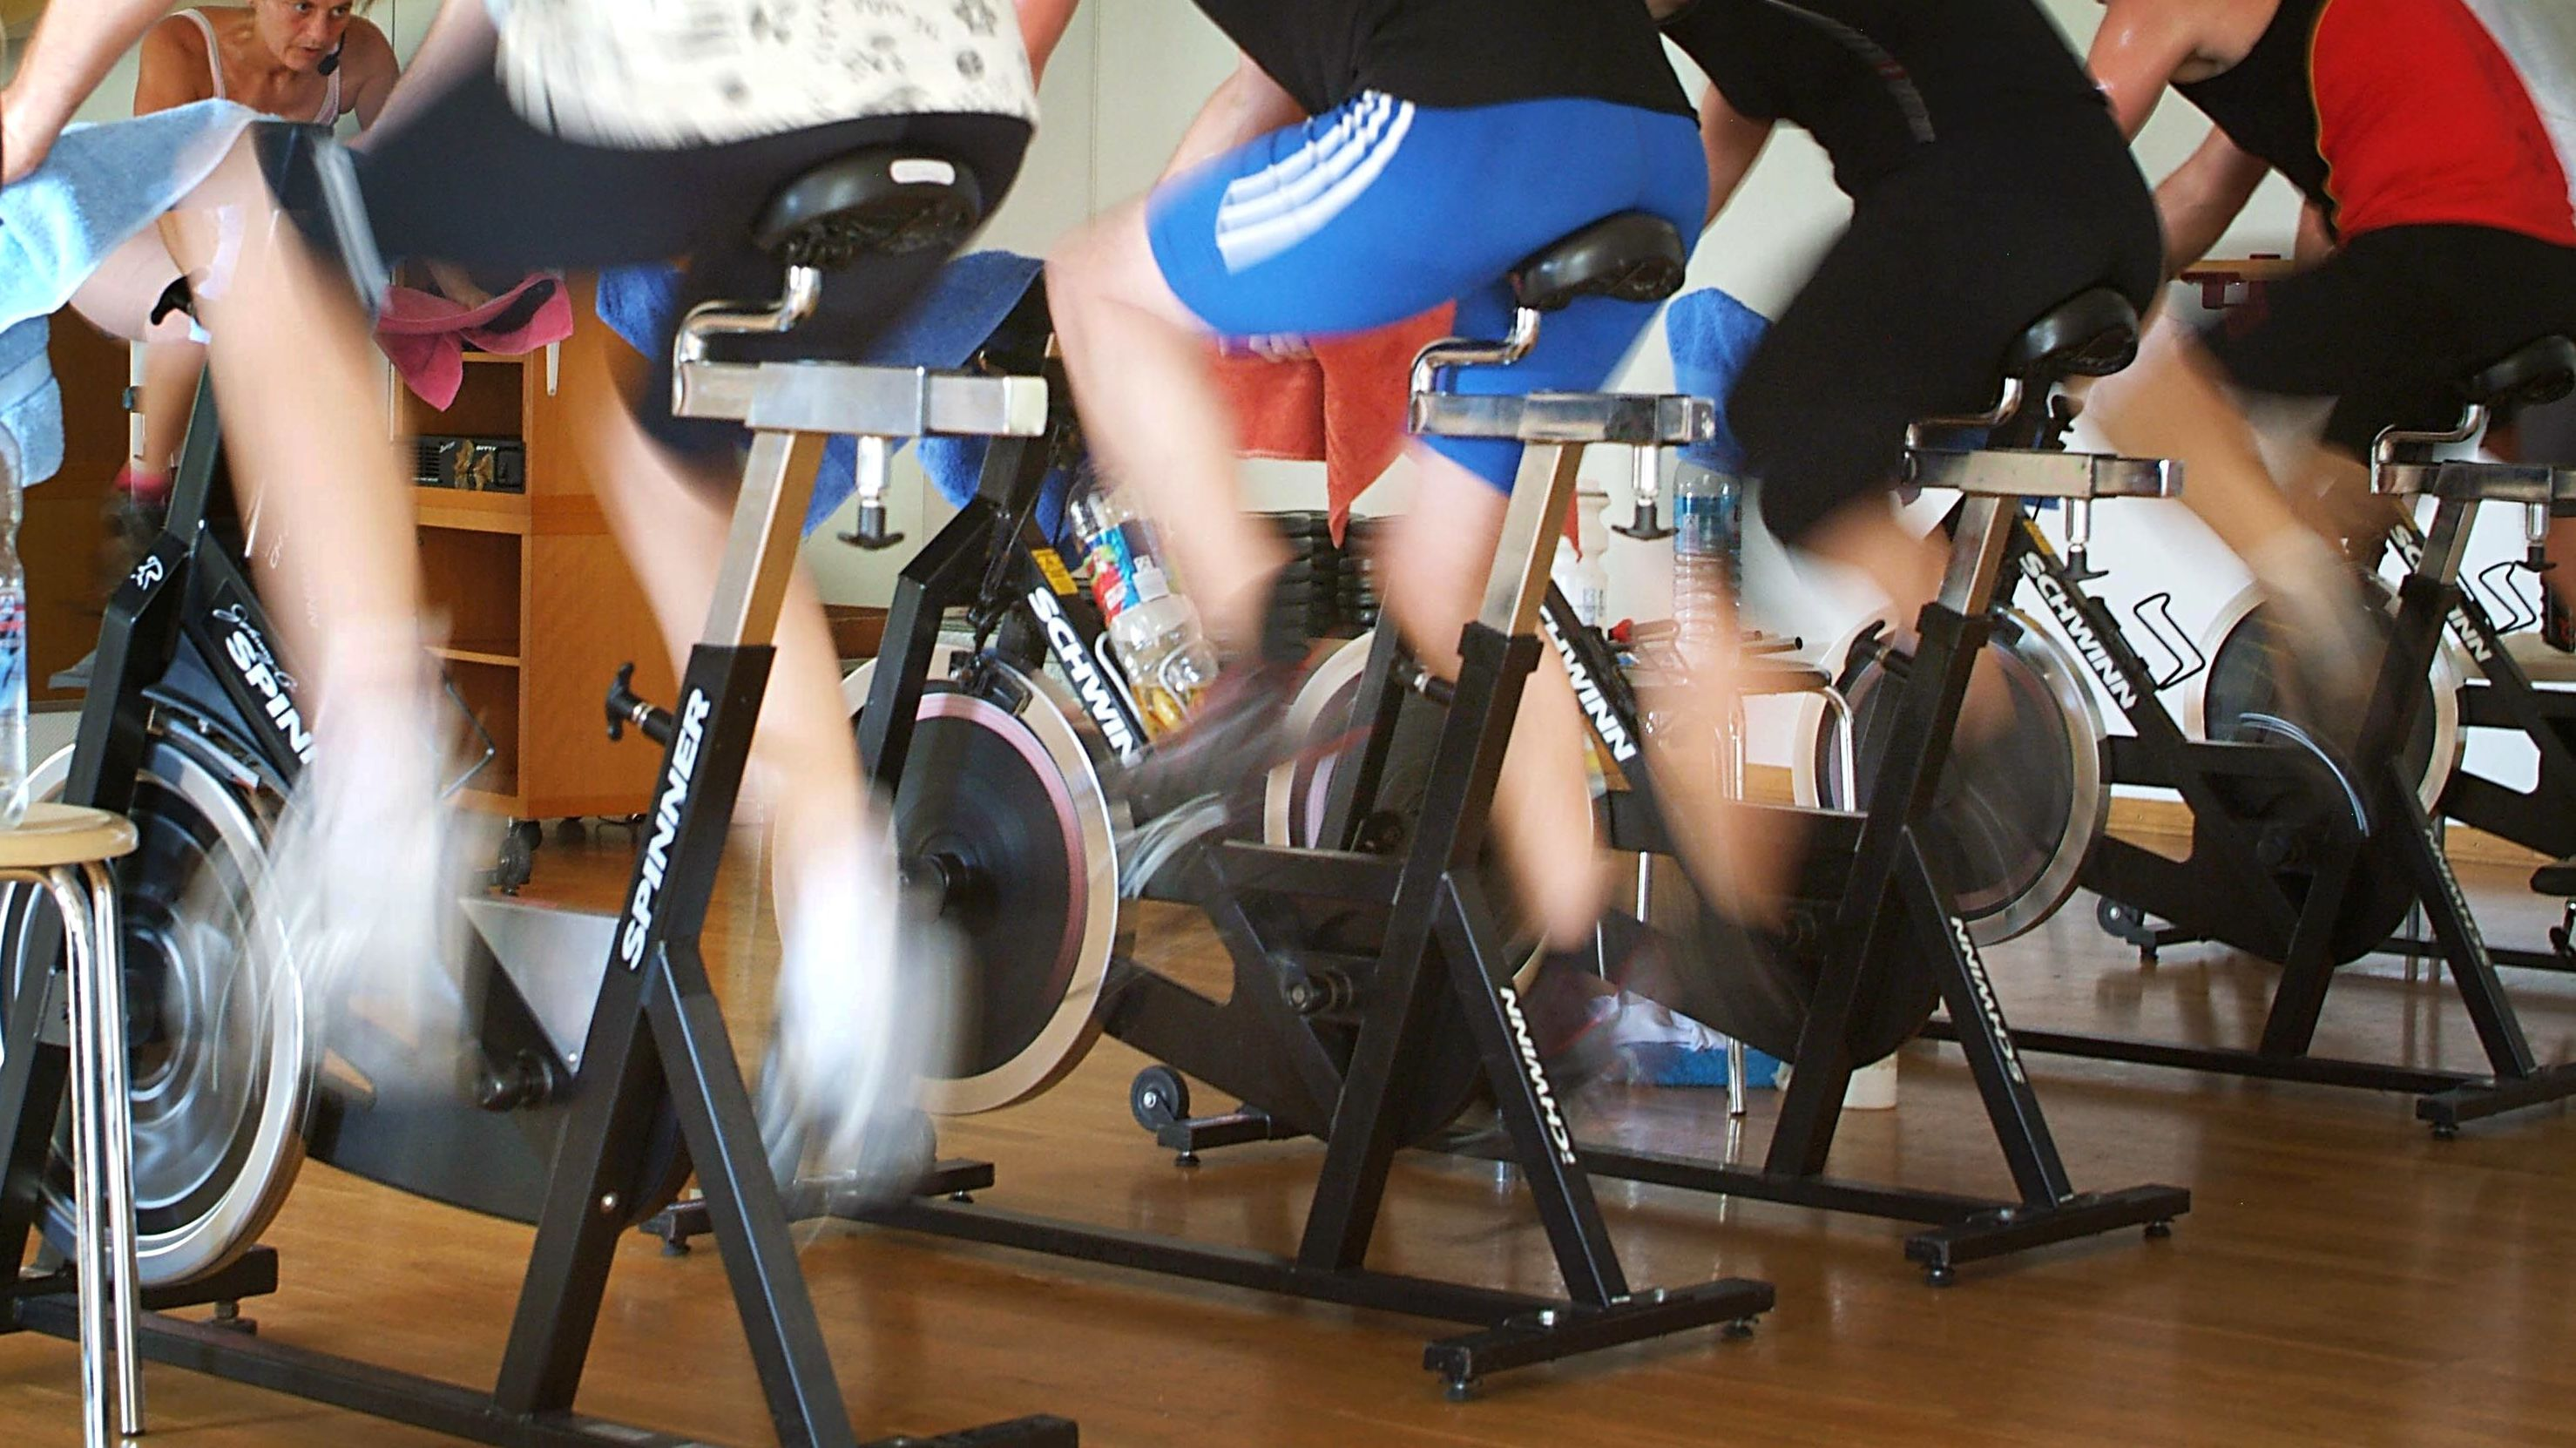 Menschen trainieren auf Spinning-Rädern